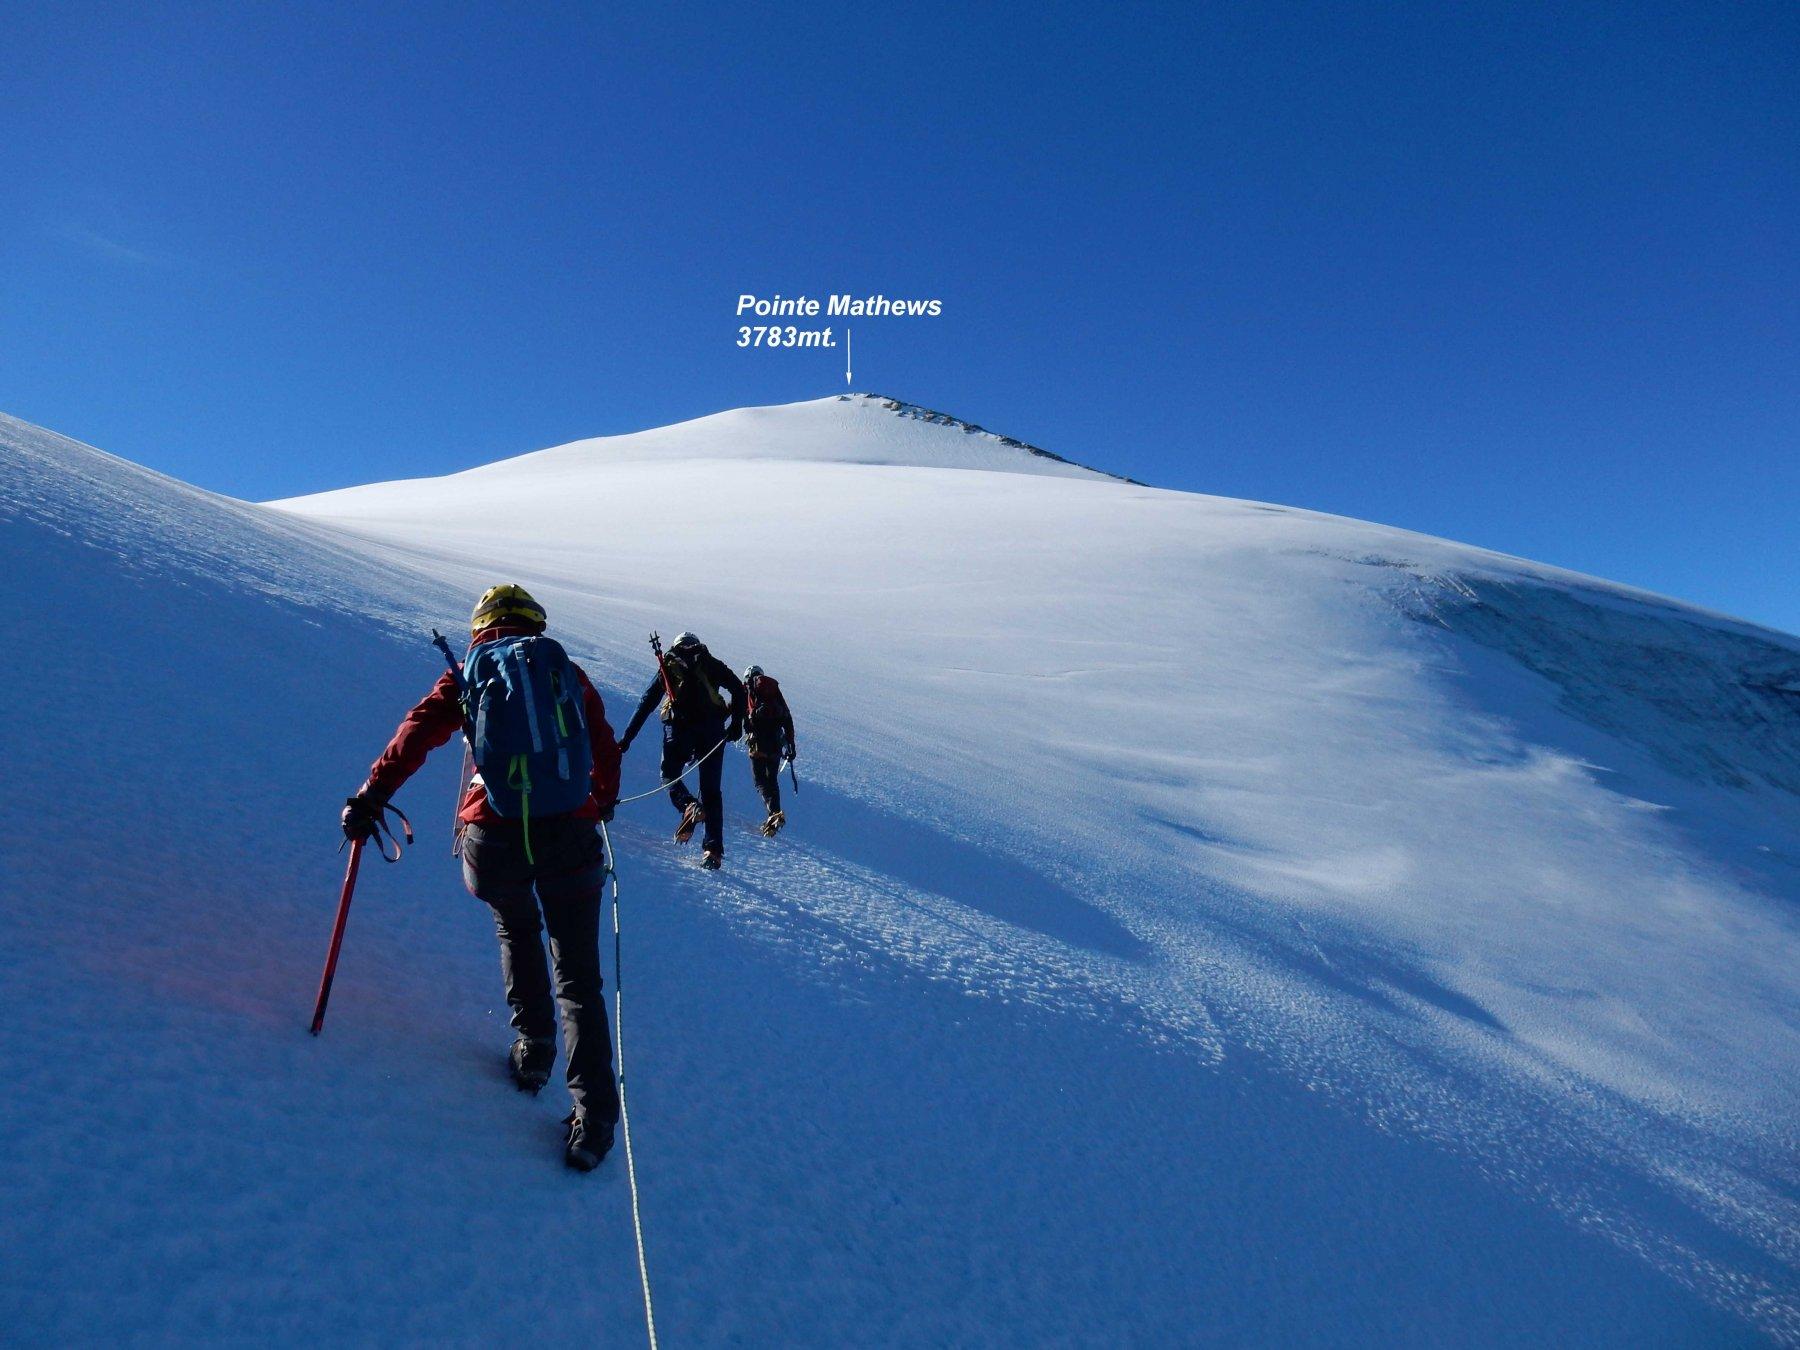 Fuori dal tratto ripido verso 3650mt. si arriva ad una larga sella glaciale